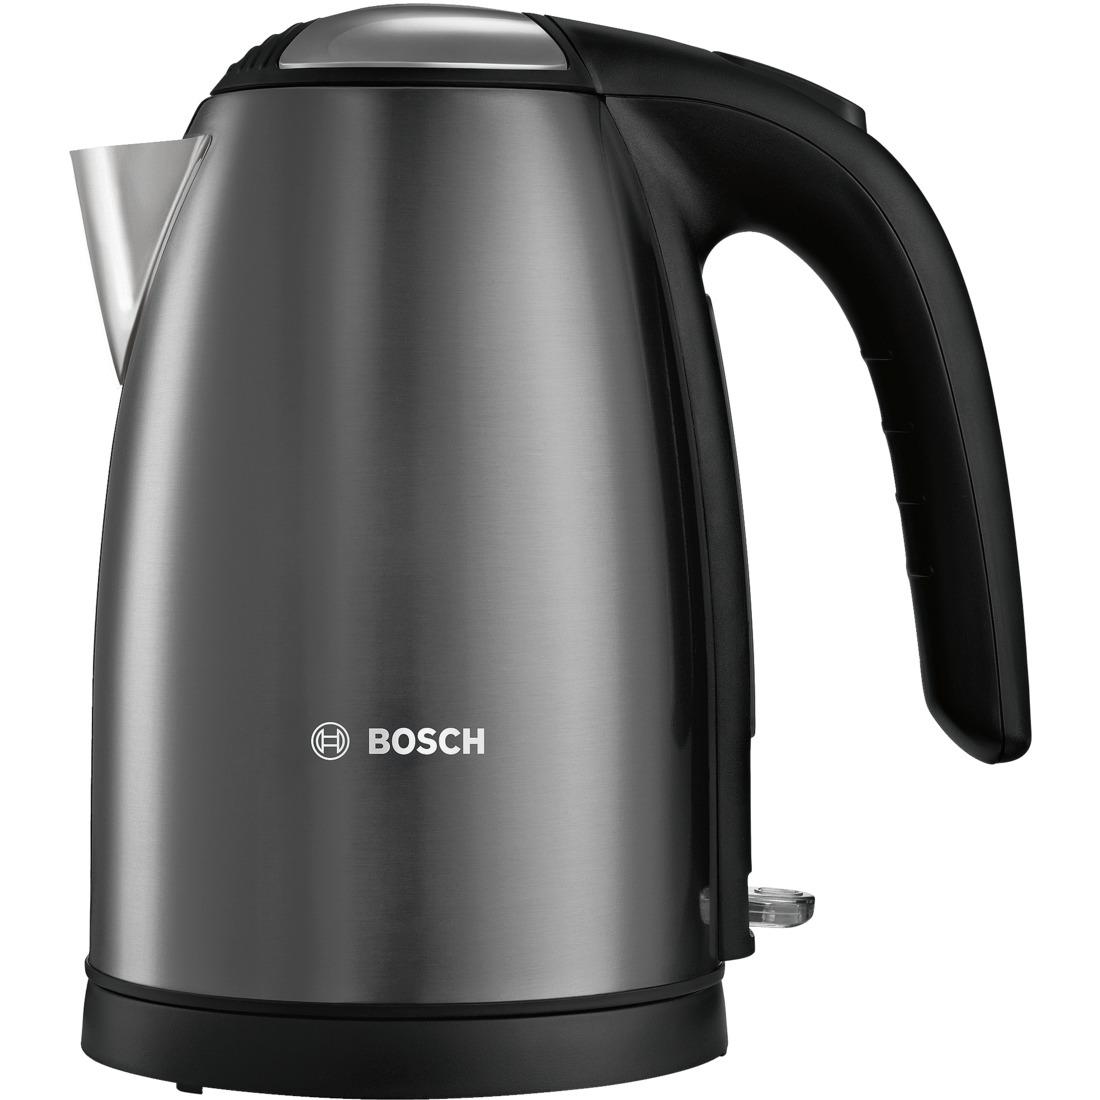 Bosch waterkoker TWK7805